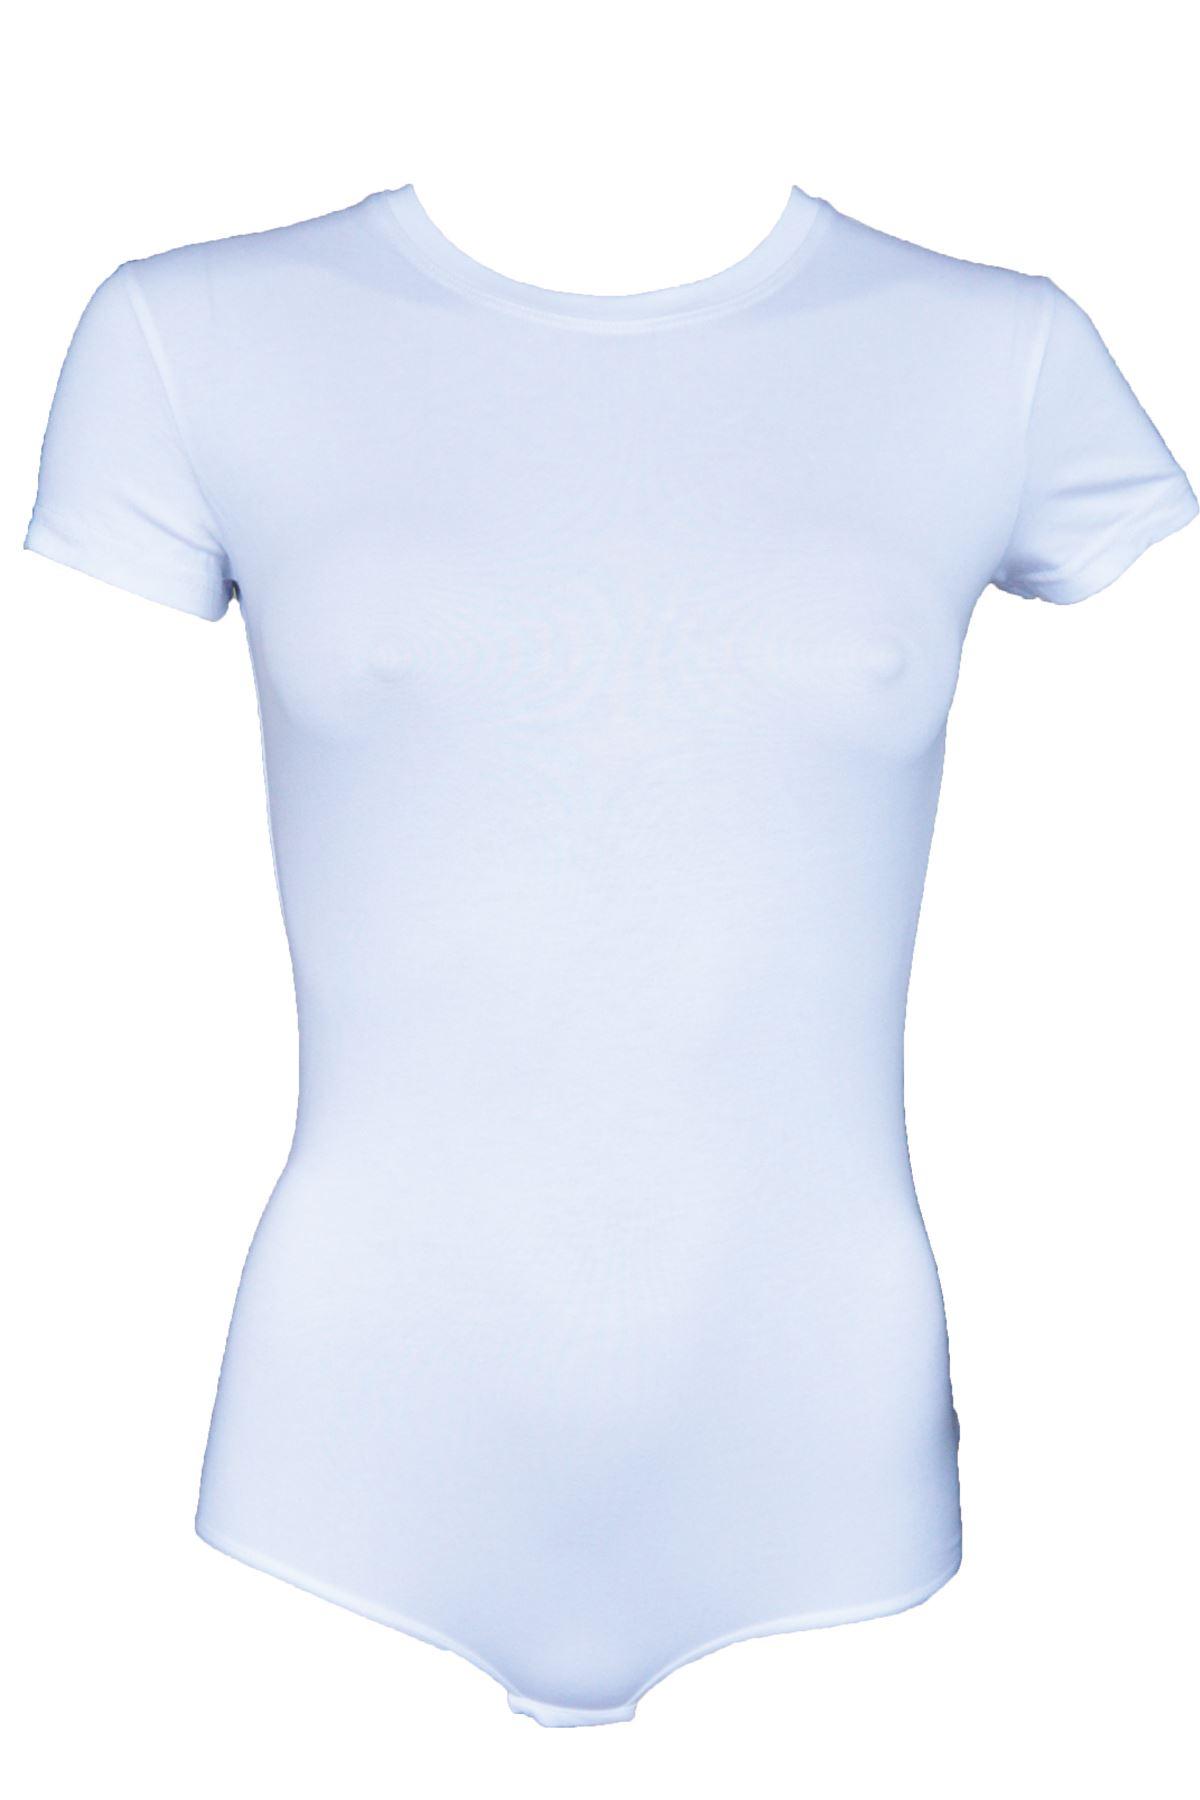 Beyaz Kadın Çıtçıtlı Kısa Kol Bisiklet Yaka Modal Body 138